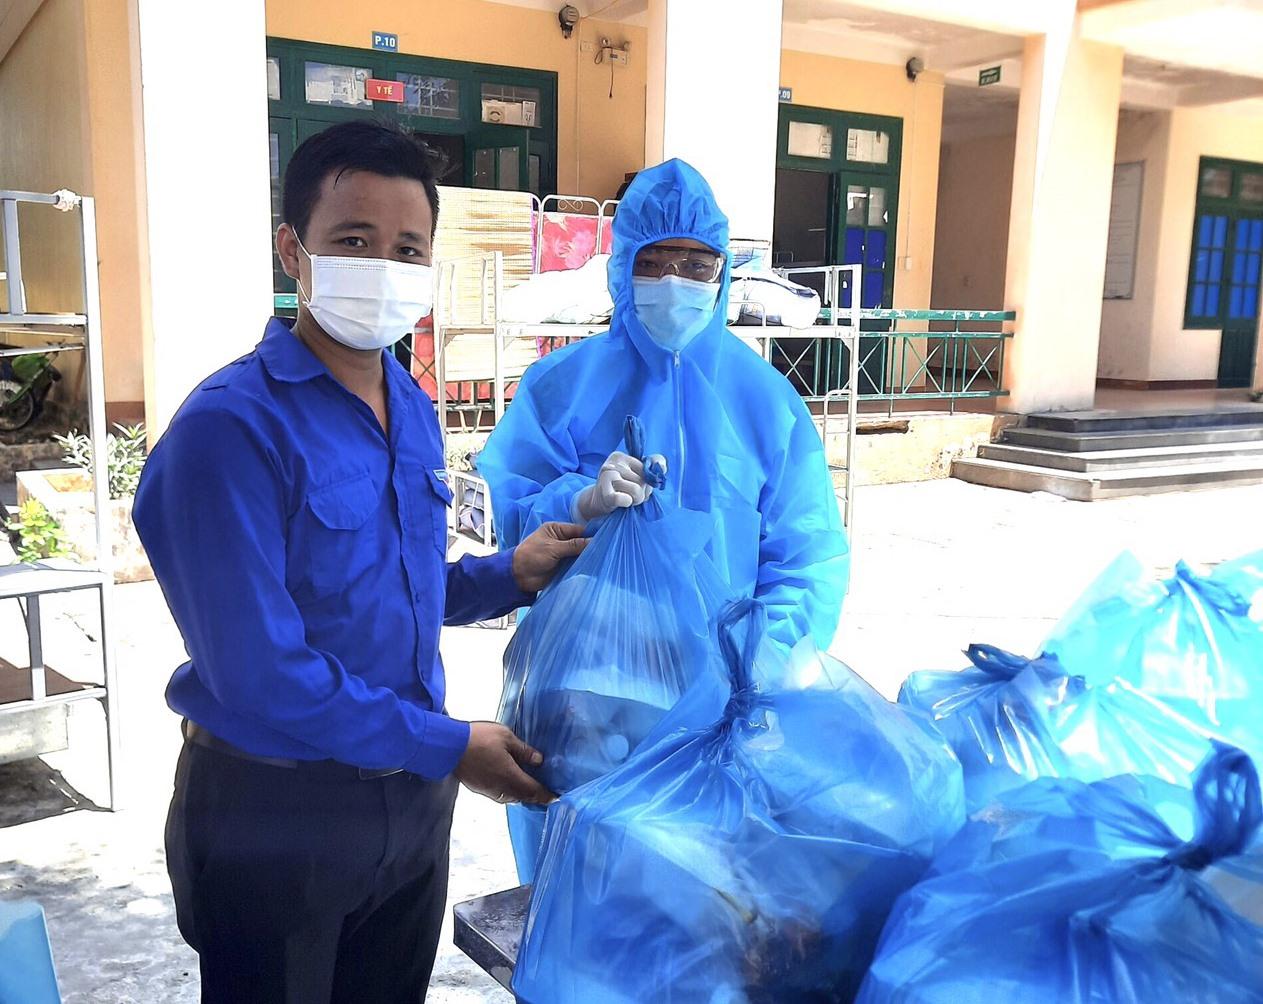 Rác thải trong khu vực cách ly tập trung đều được xử lý như rác thải y tế nguy hại. Ảnh: H.P